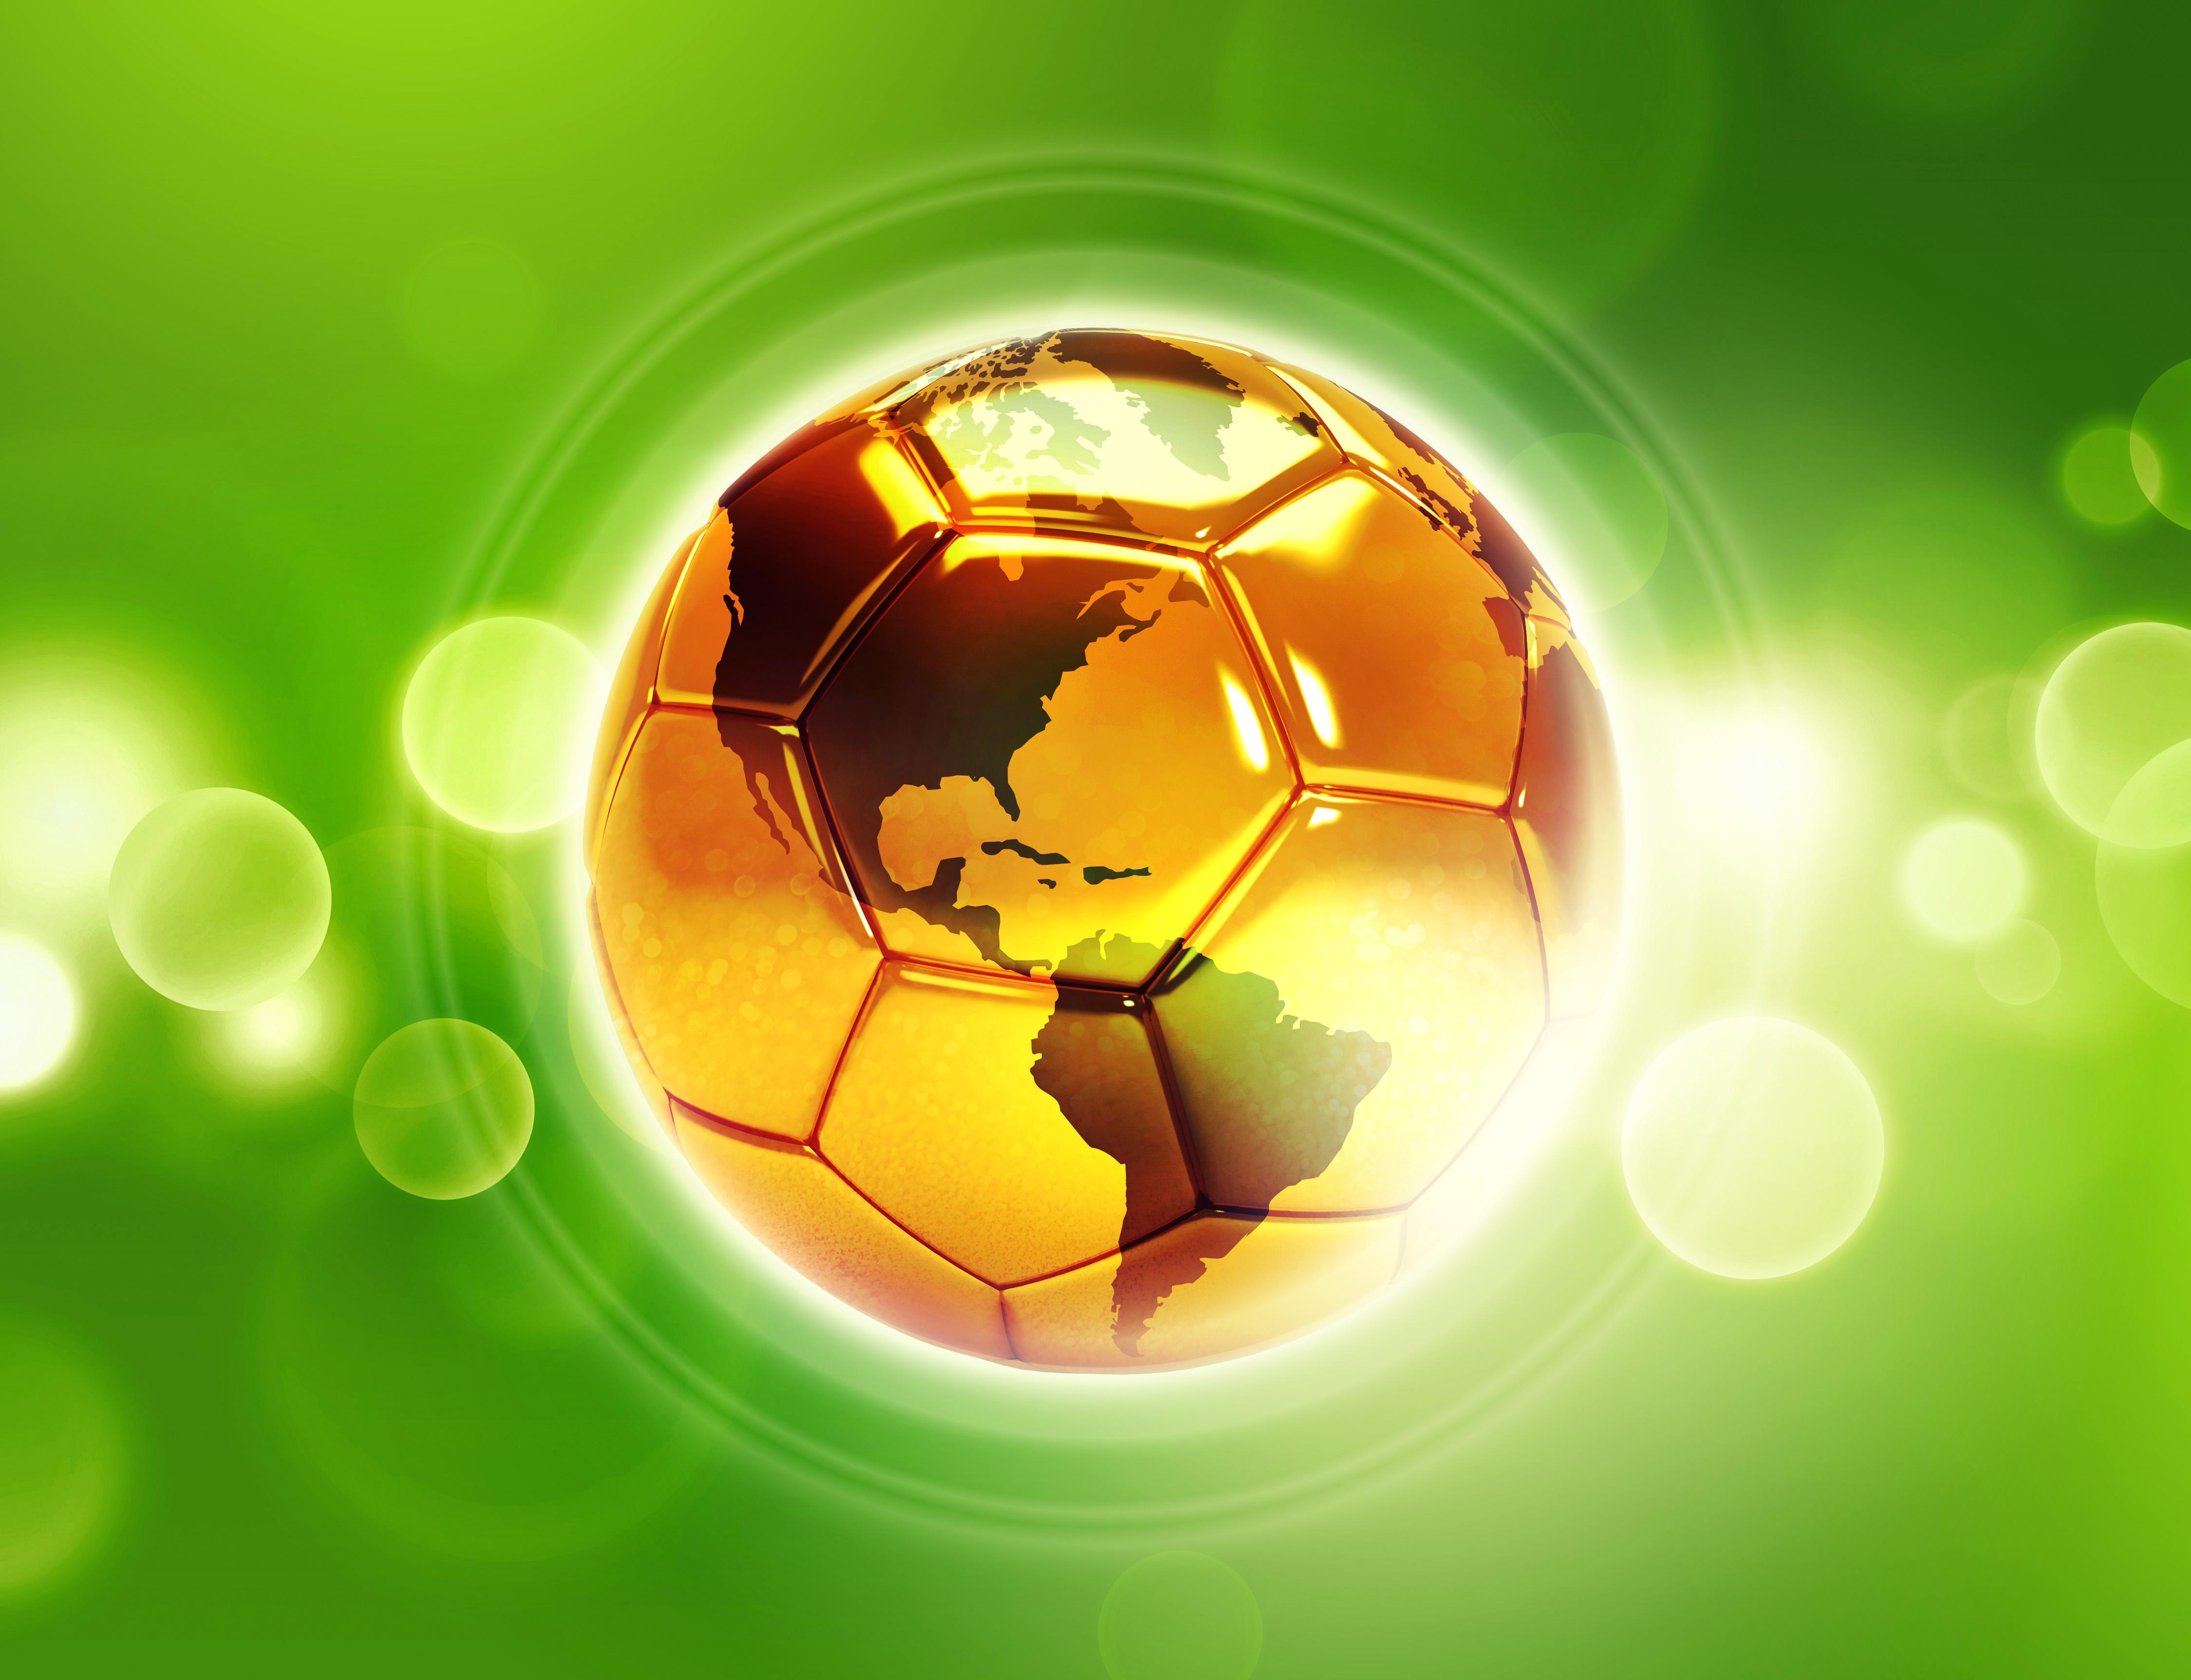 Coupe du monde ecologique 2014 r sultats de la phase de groupes - Groupes coupe du monde 2014 ...